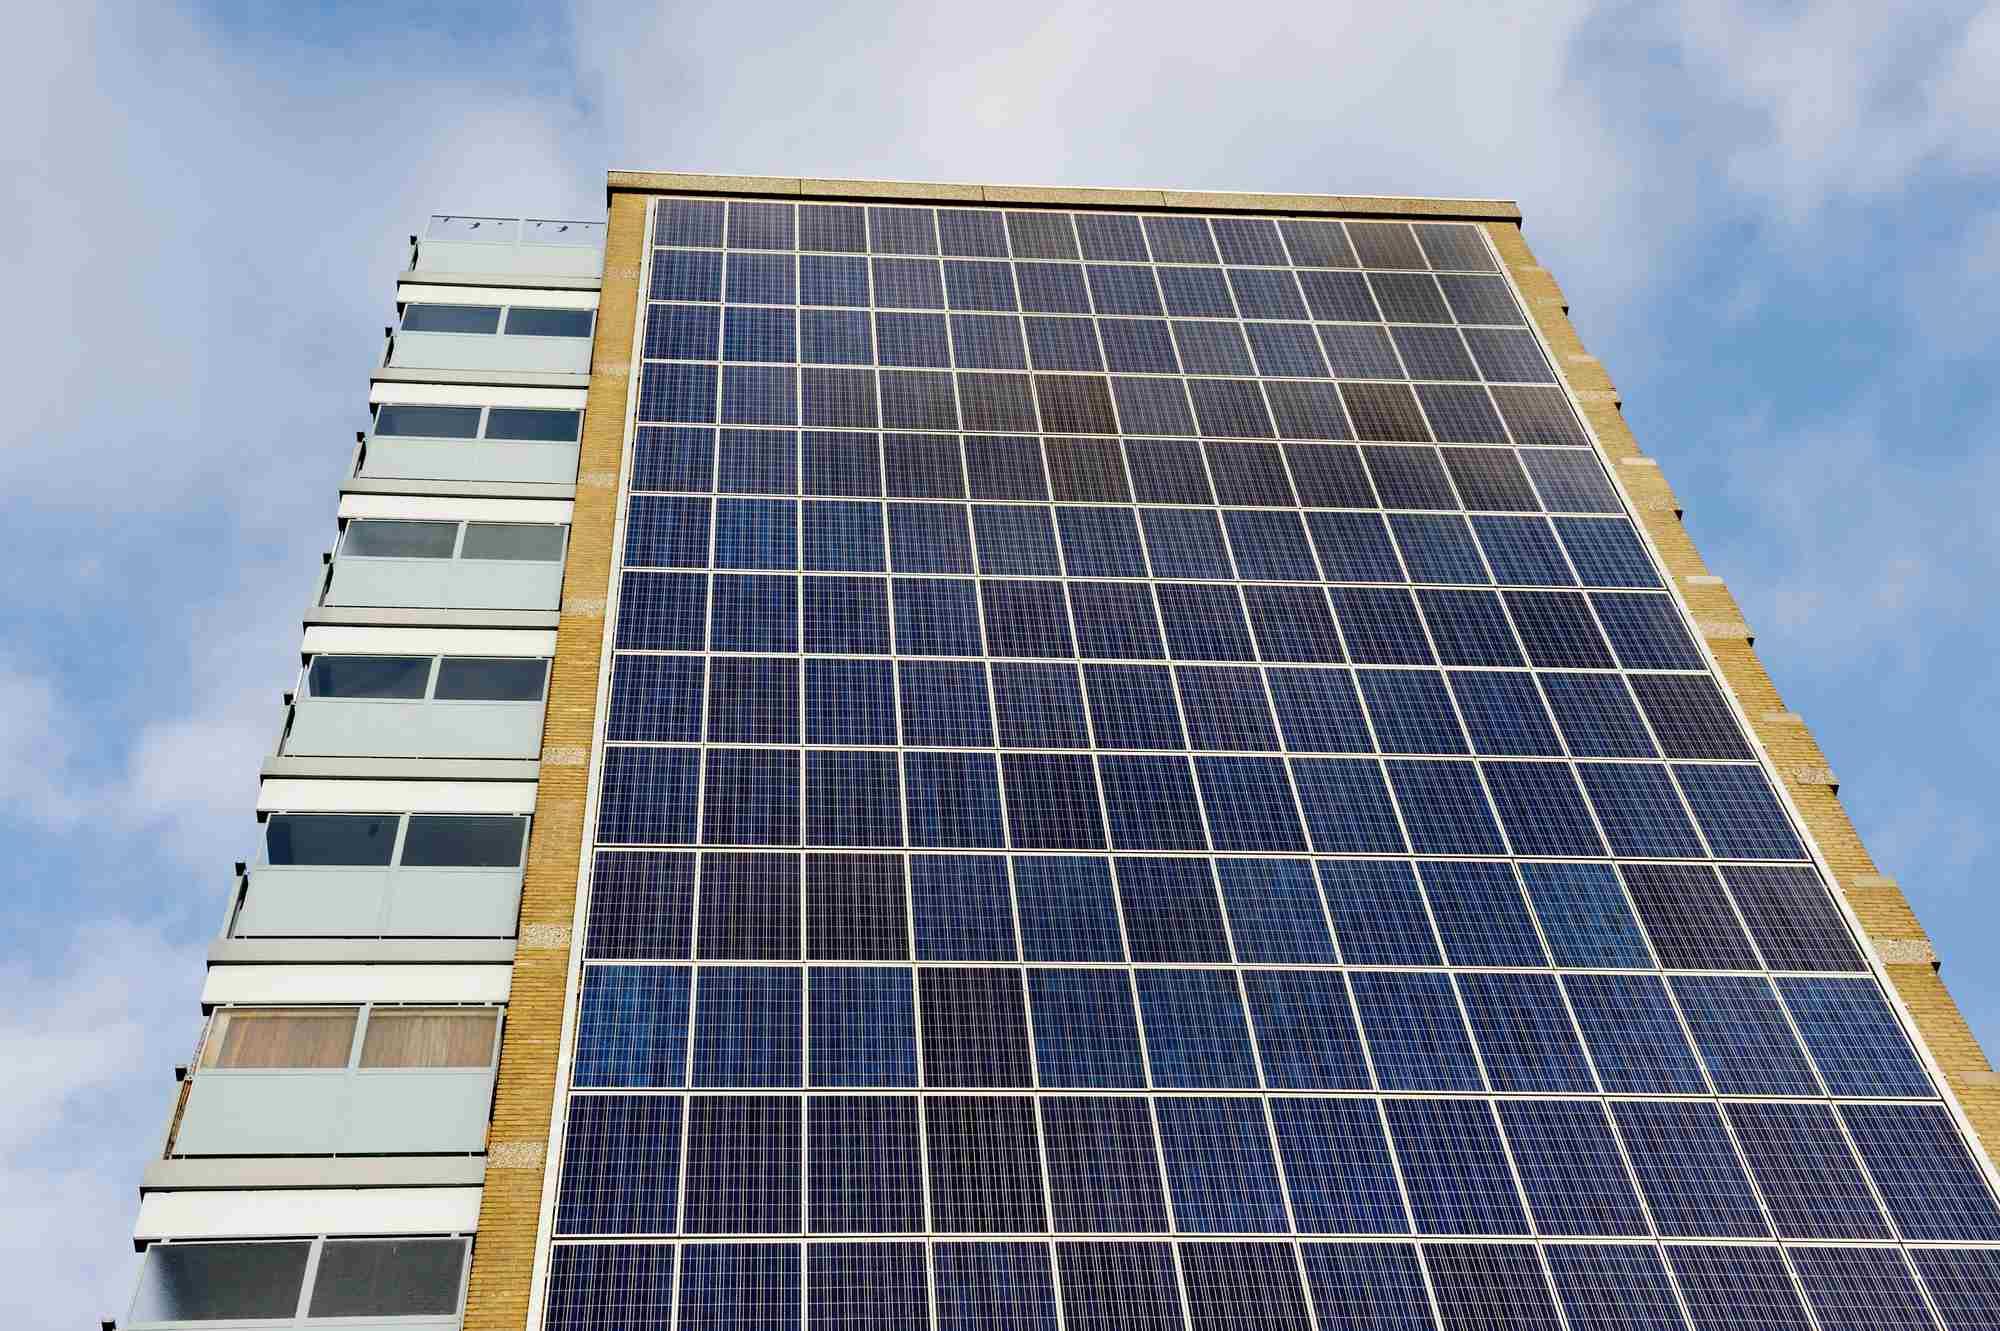 Fontes renováveis representarão 50% da energia mundial até 2050